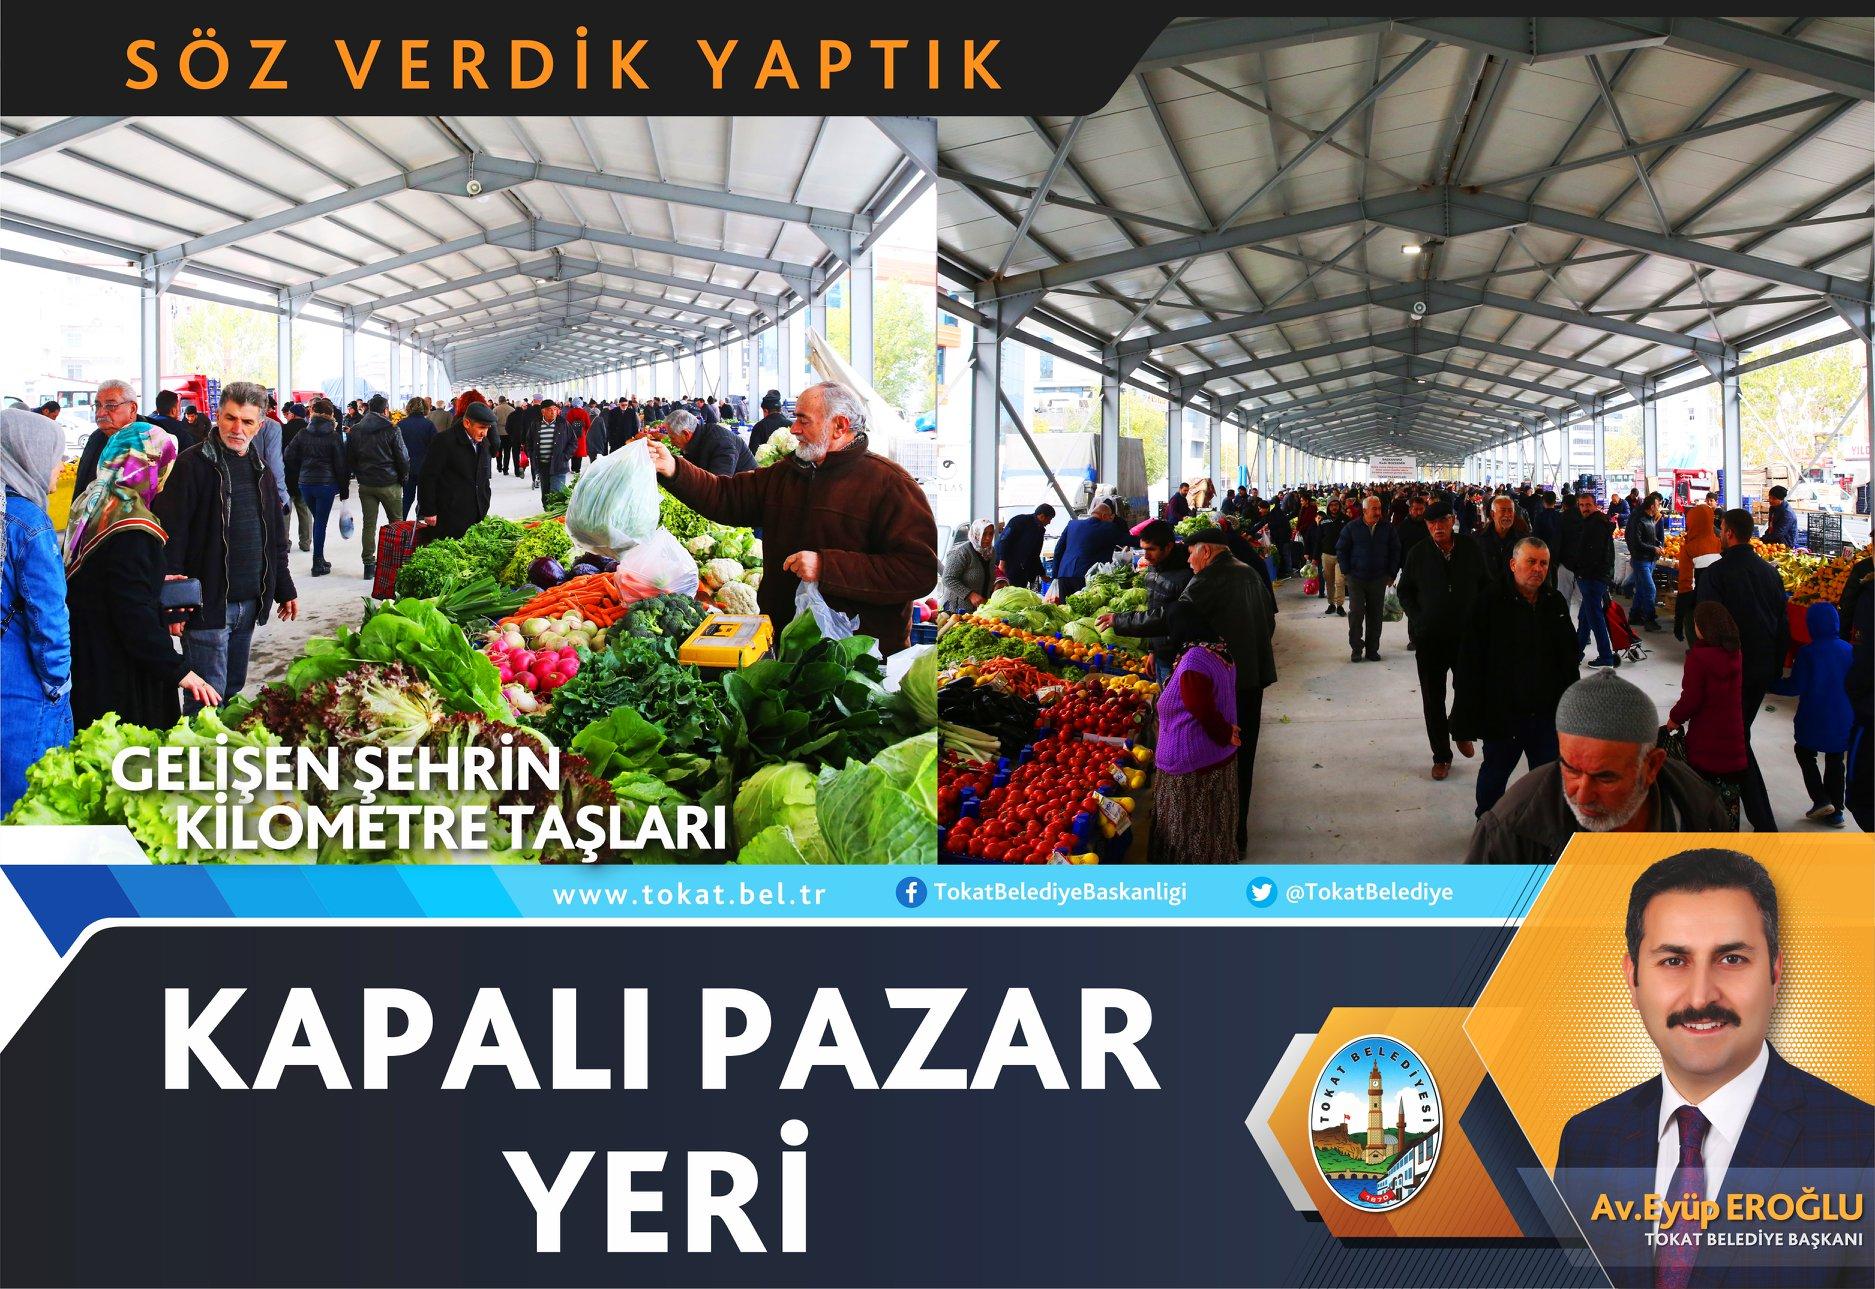 KAPALI PAZAR YERİ